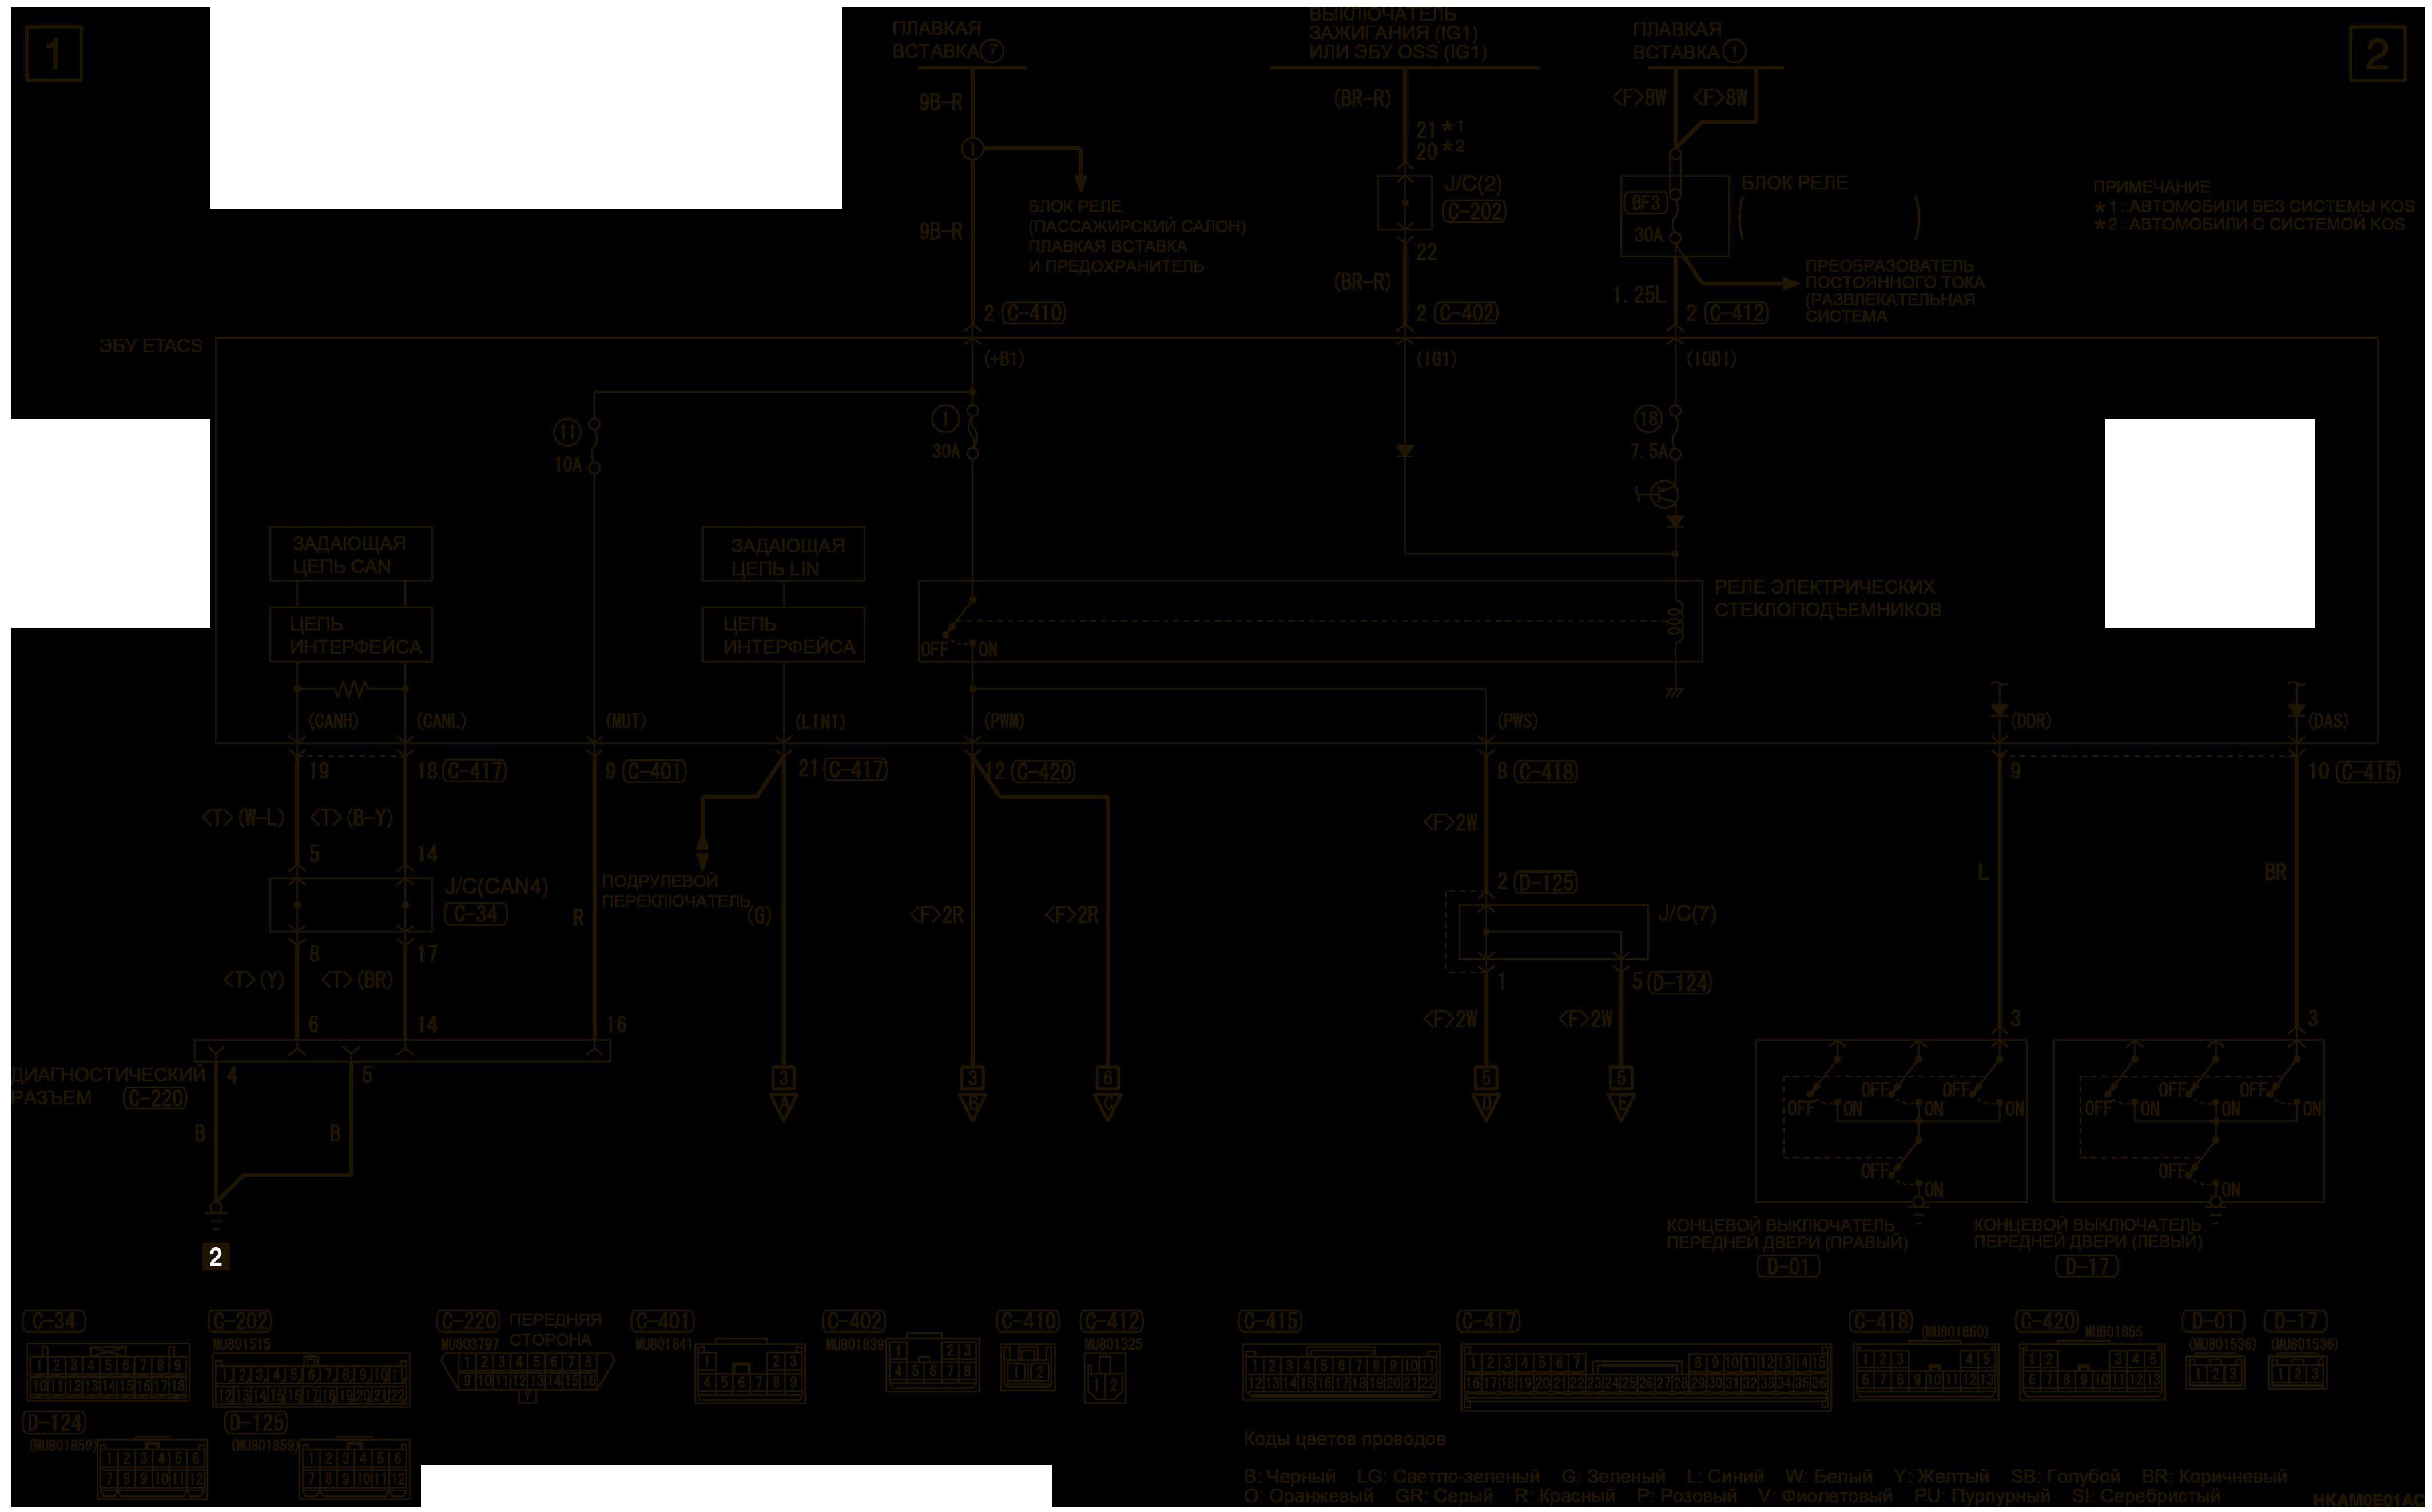 mmc аутлендер 3 2019 электросхемаЭЛЕКТРИЧЕСКИЕ СТЕКЛОПОДЪЕМНИКИ ПРАВАЯ СТОРОНА